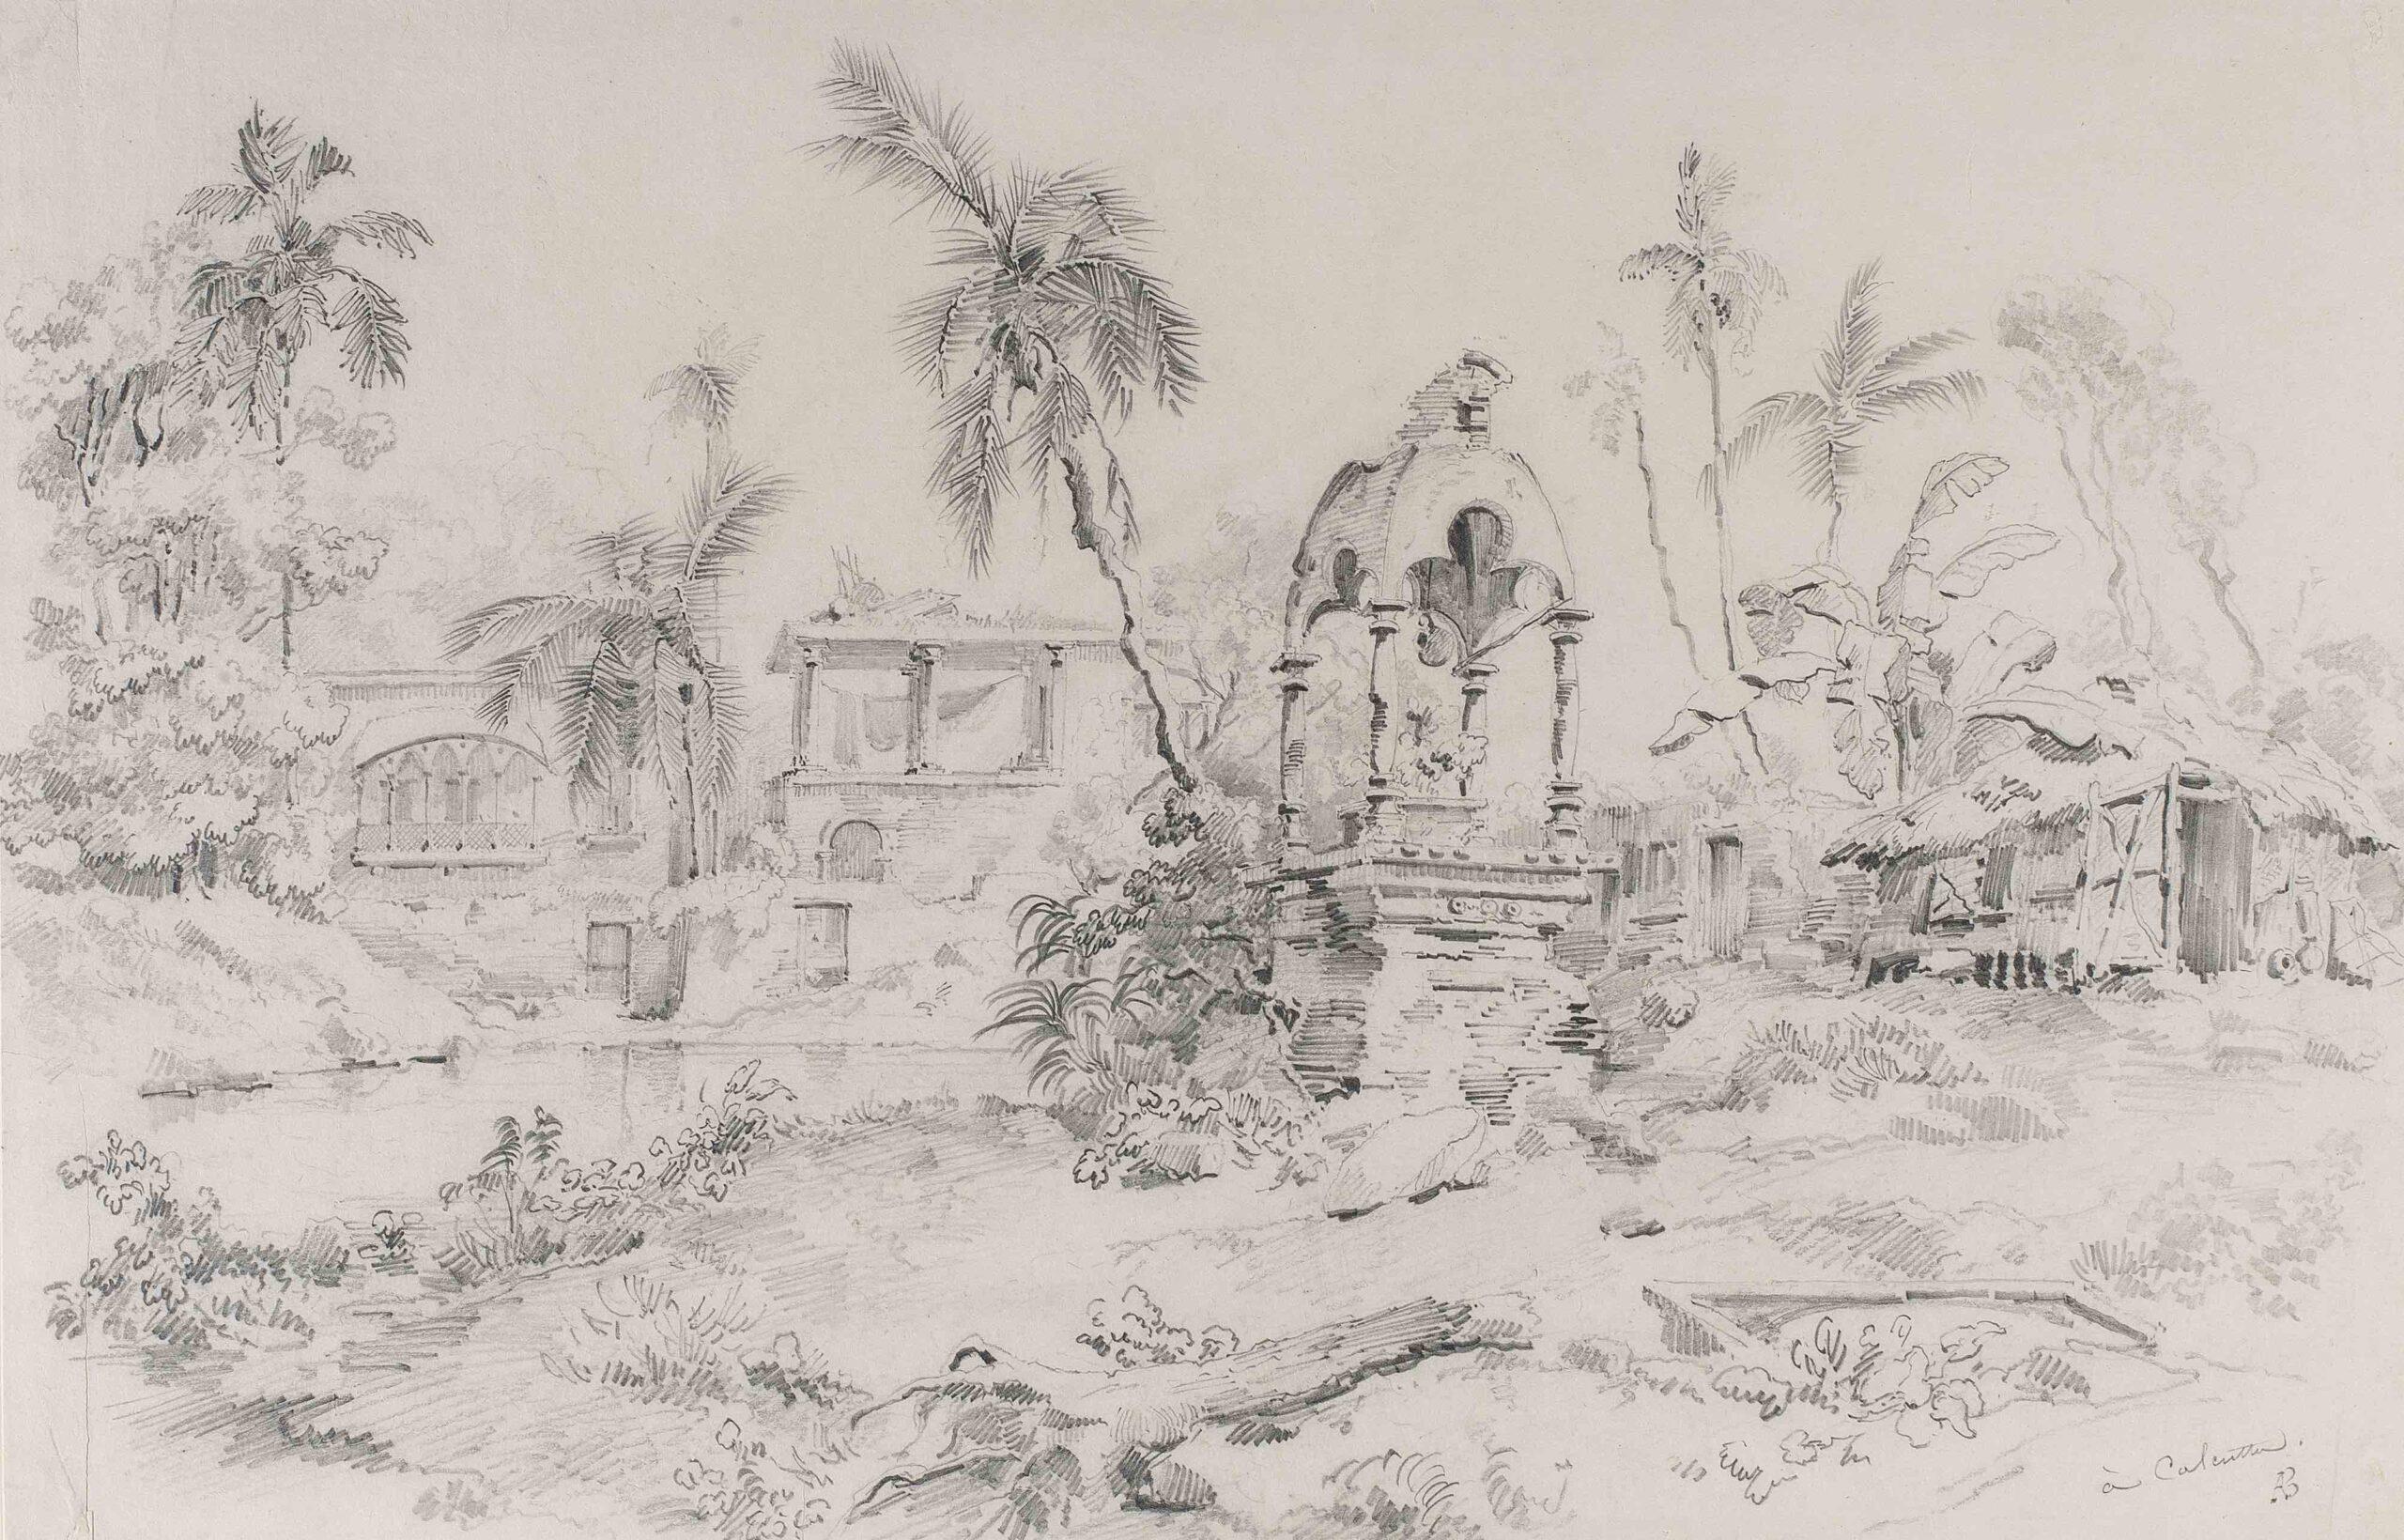 Auguste Borget (1809 - 1877) Ruined buildings near Calcutta (Kolkata) Pencil, 11 3/4 x 18 1/4 in (29.8 x 46.4 cm) Signed 'AB' and inscribed 'Calcutta)